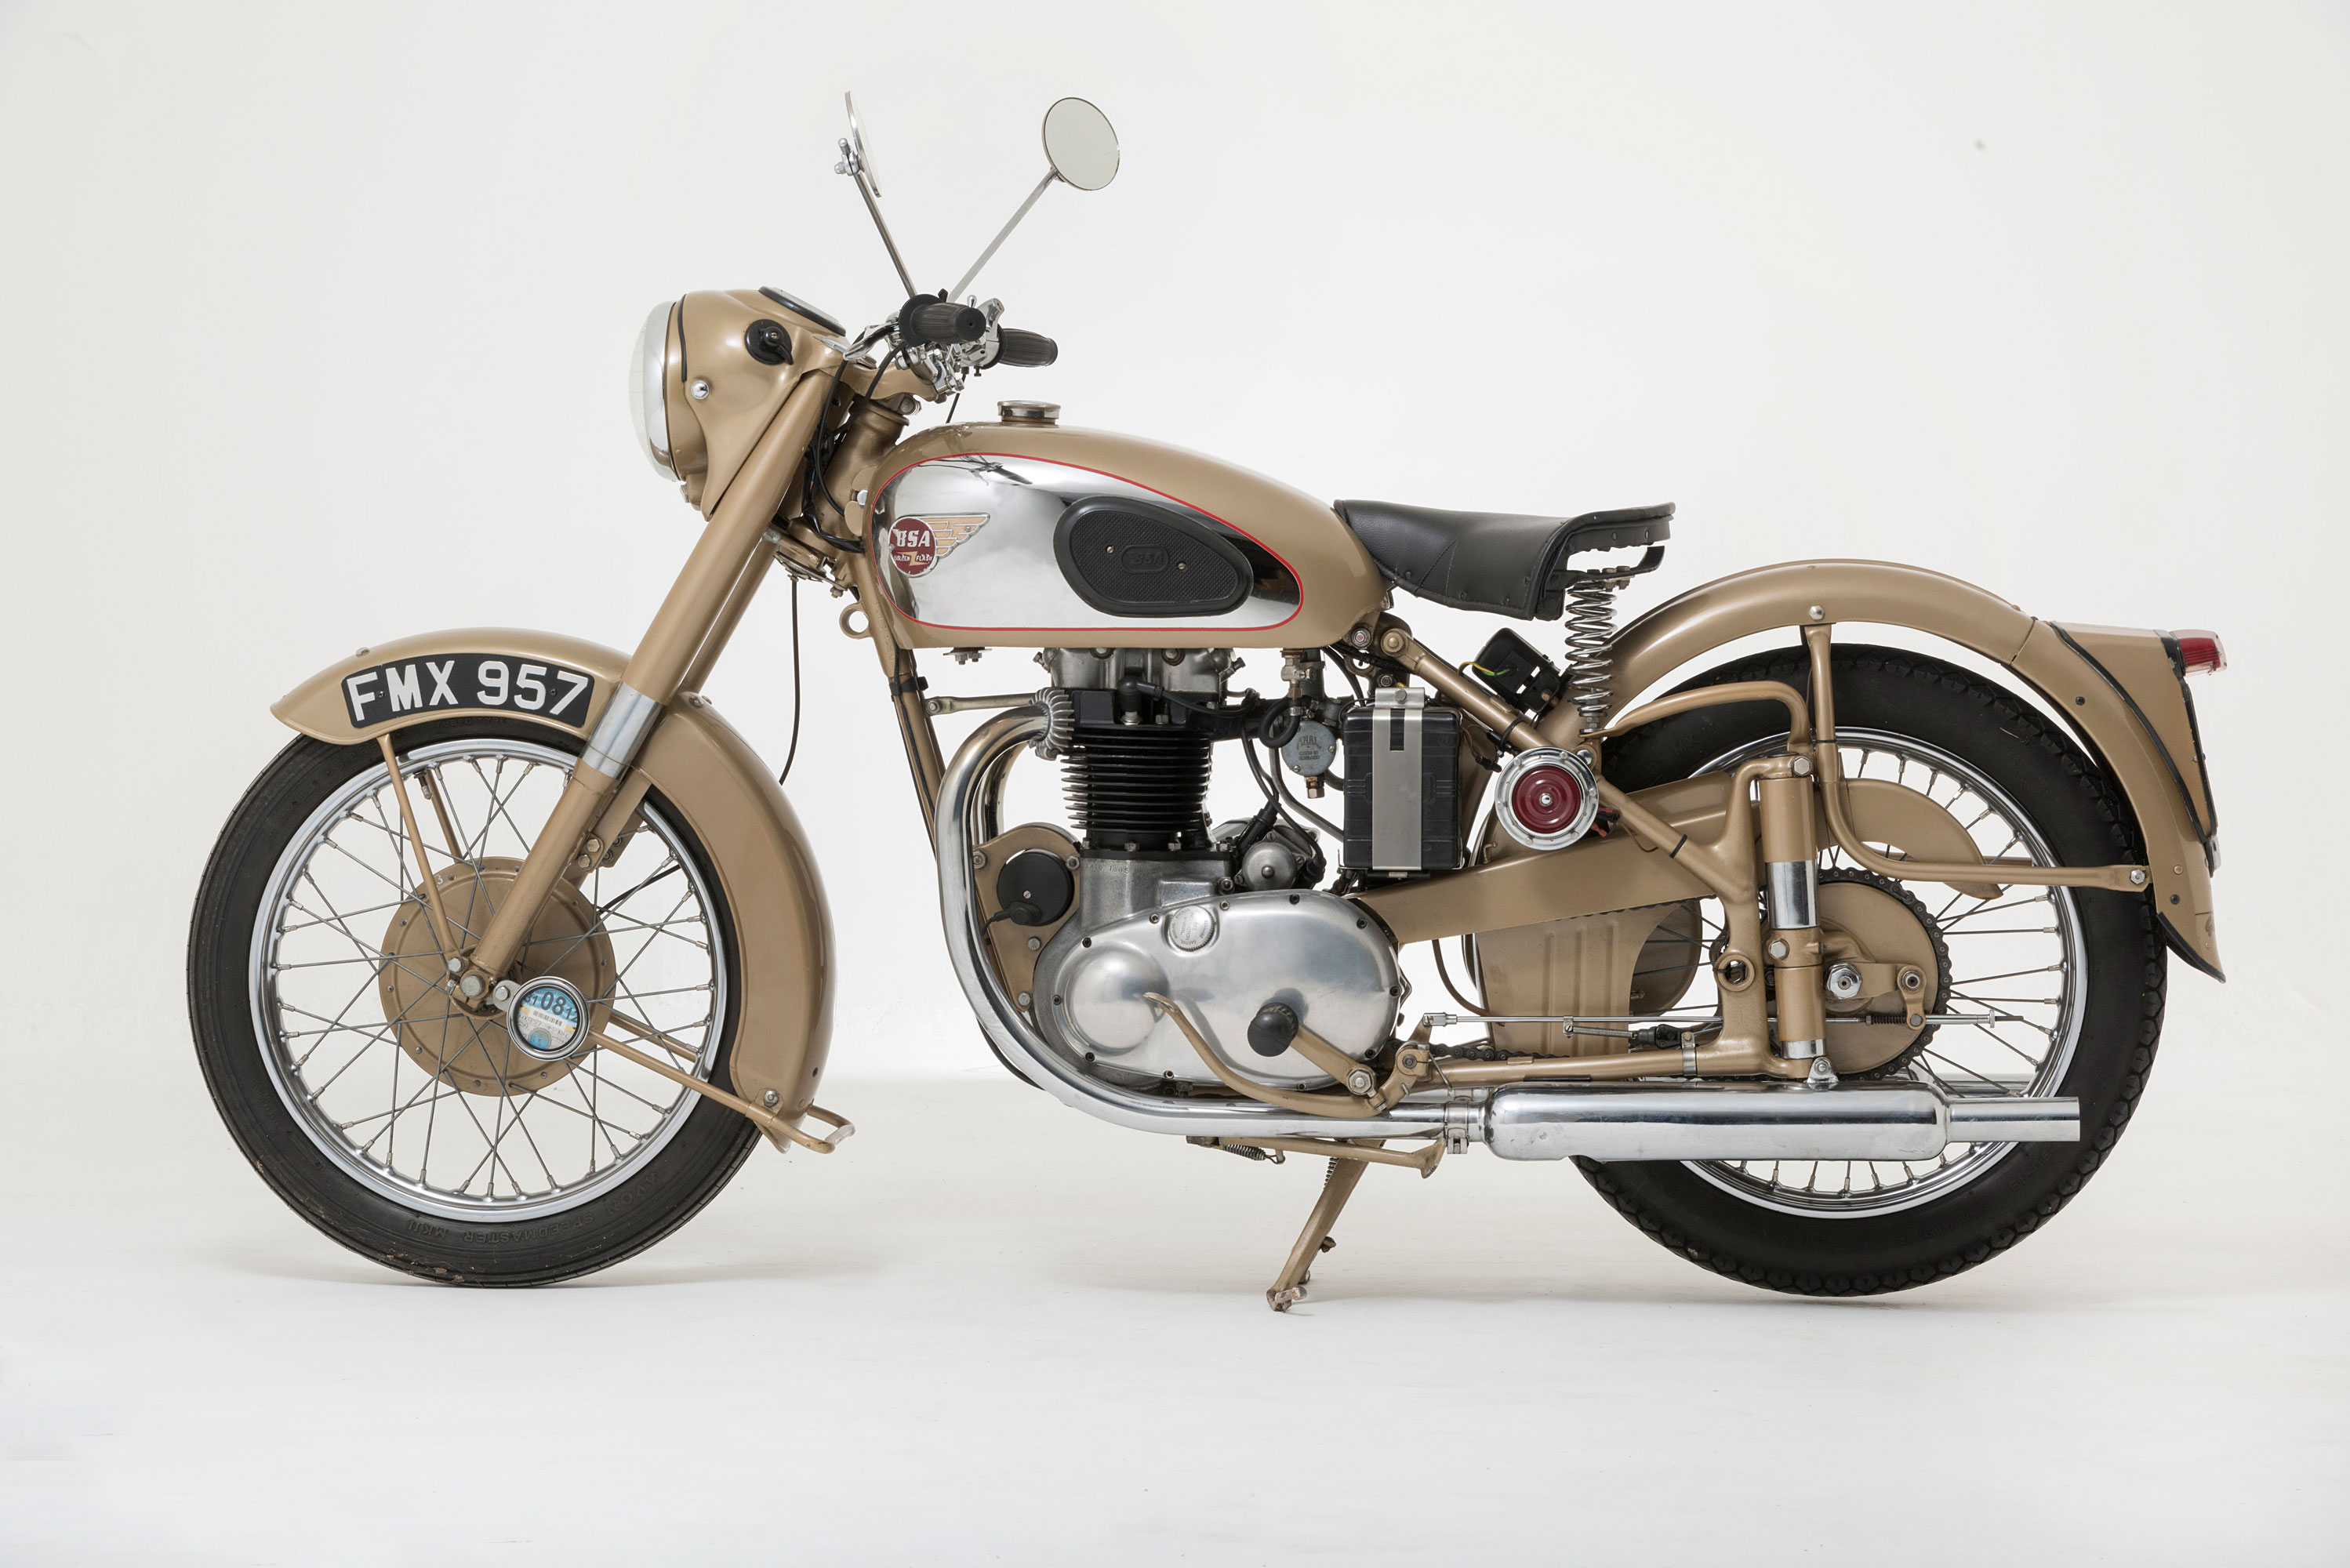 A 1953 BSA A10 Golden Flash motorcycle